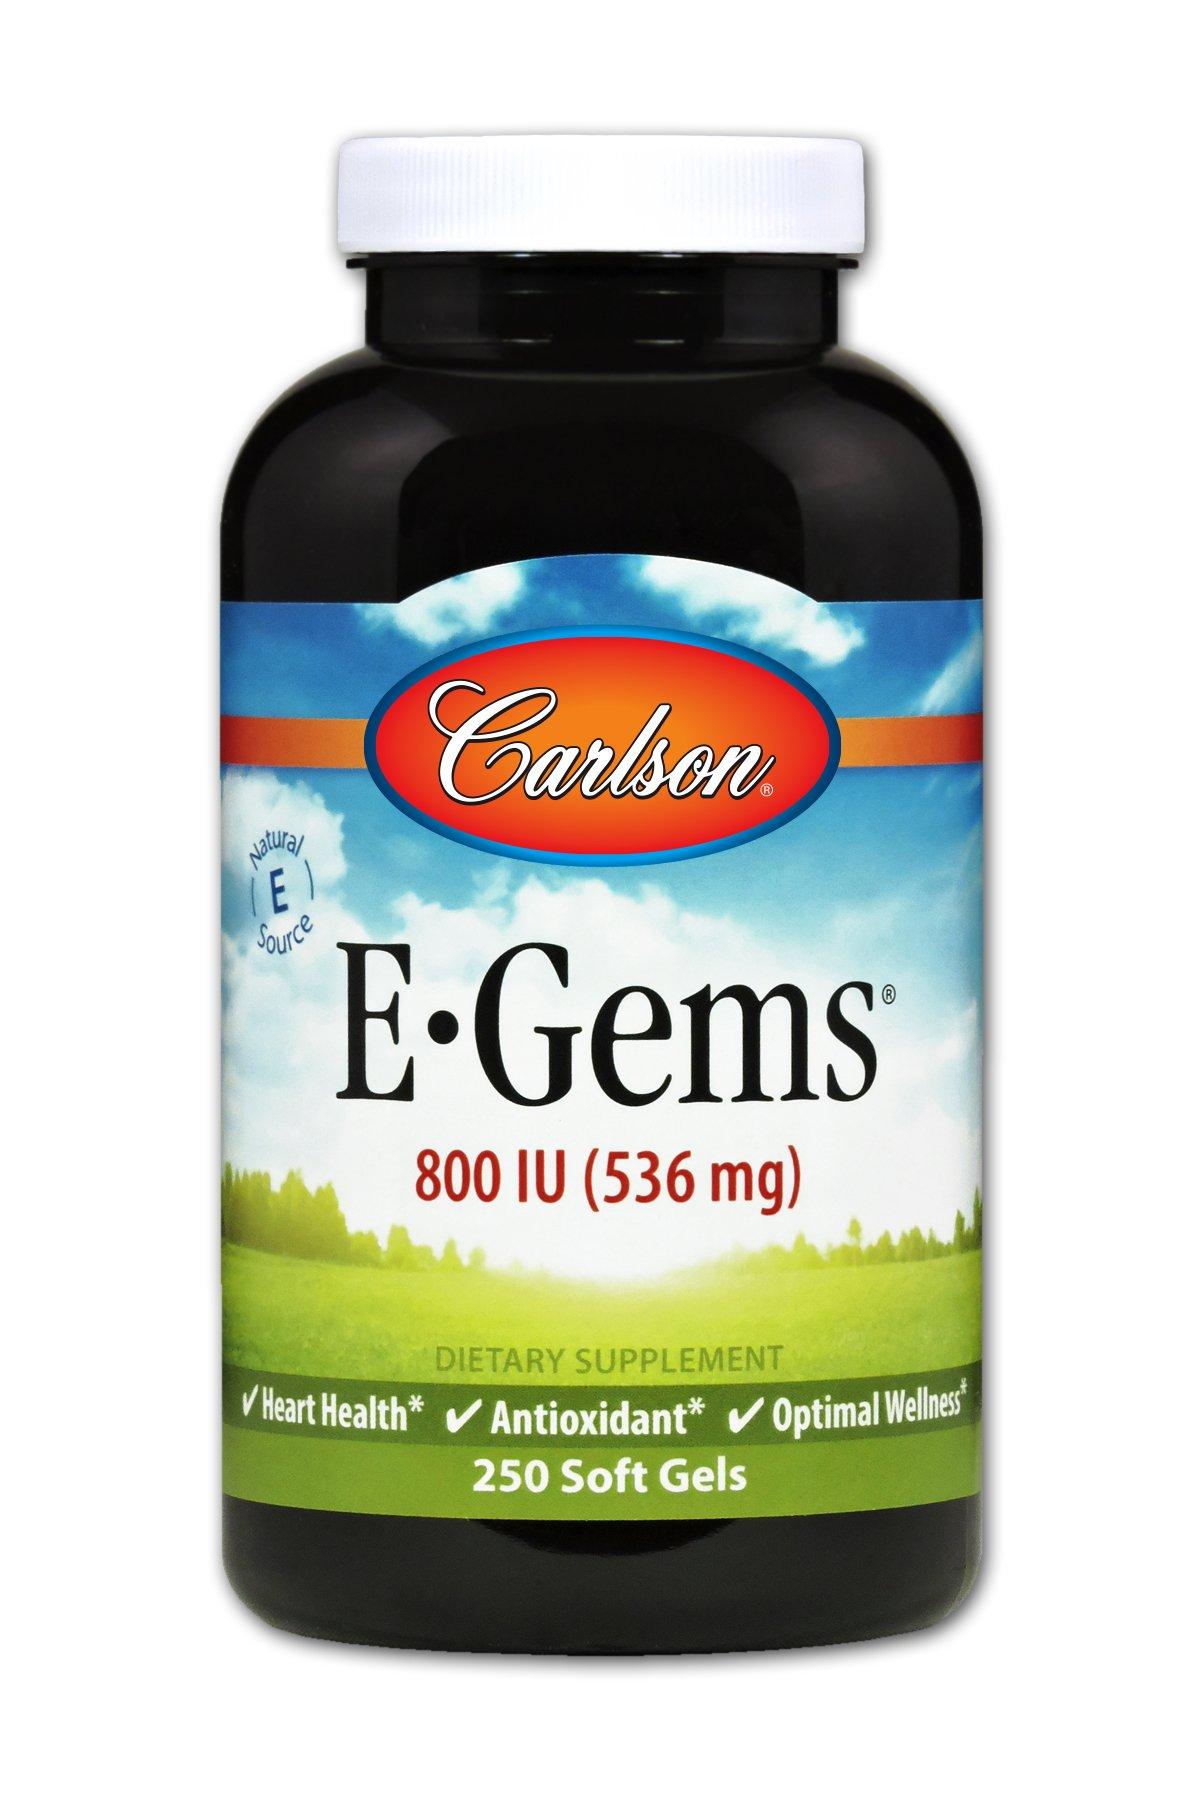 Carlson E-Gems 800 IU, Vitamin E, Heart Health, 250 Soft Gels